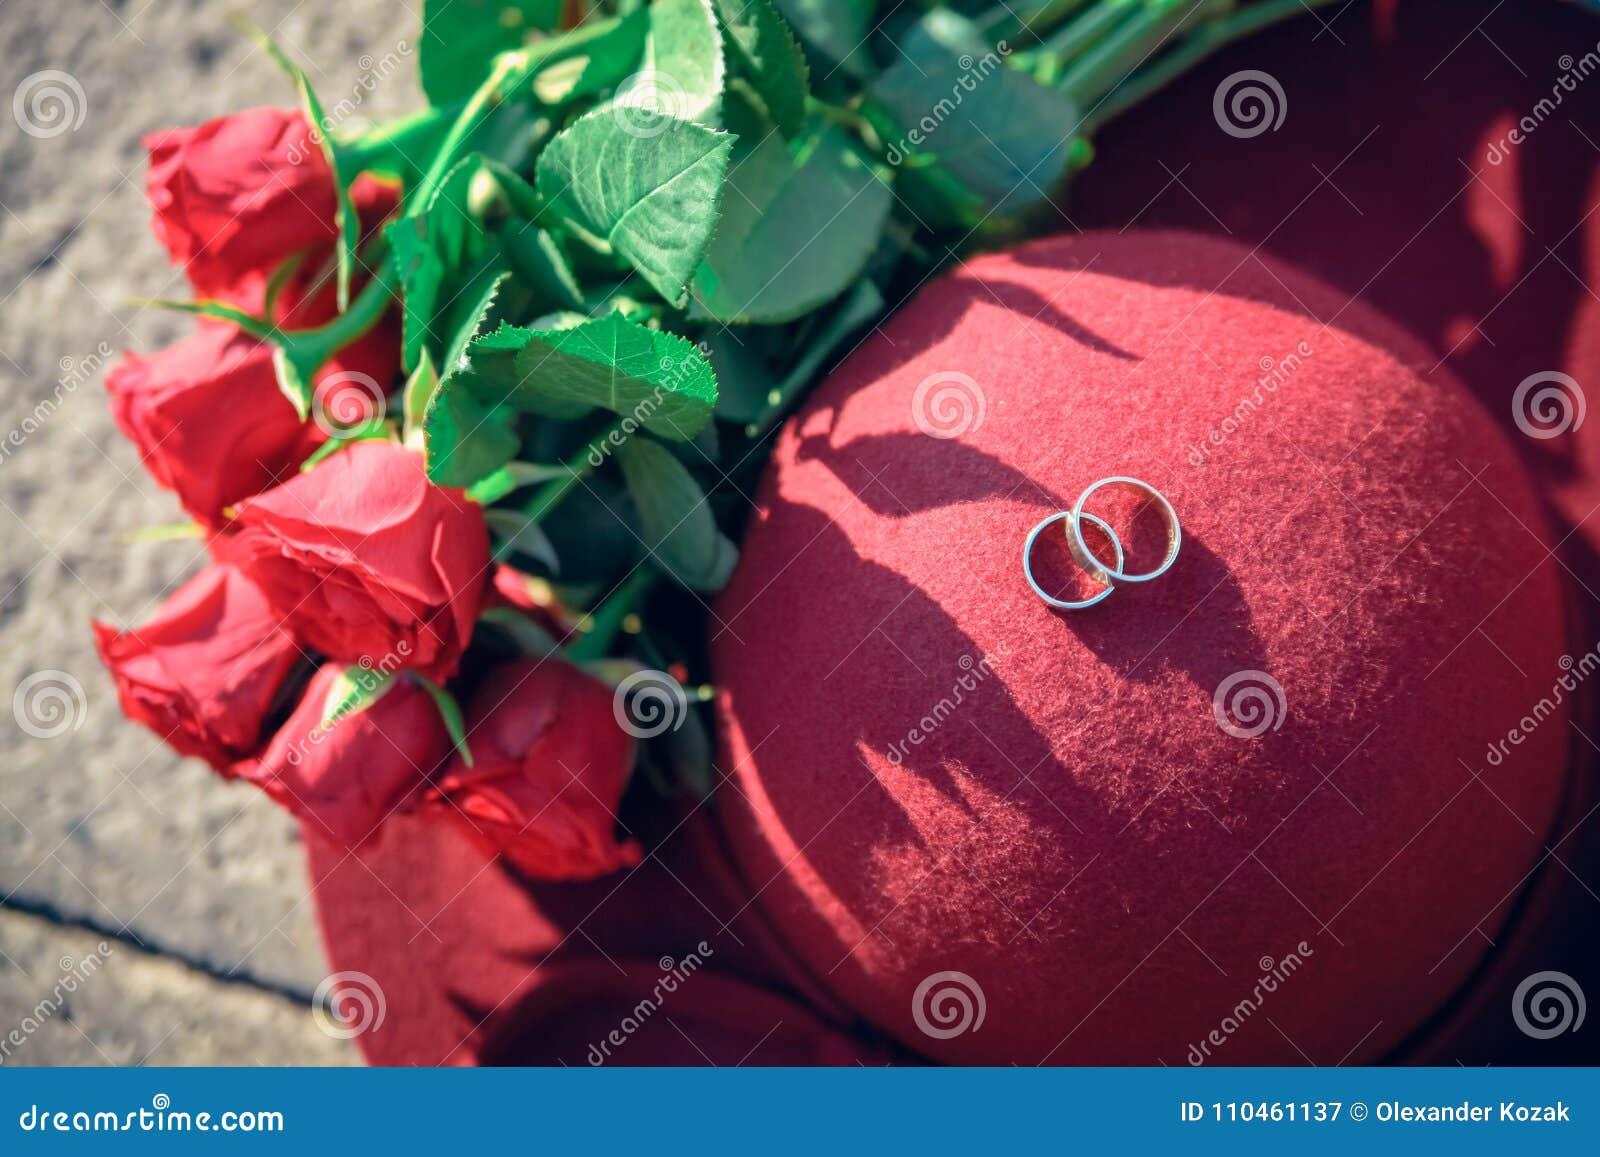 Den körsbärsröda hatten med den rosa buketten och vigselringar på stenen ytbehandlar